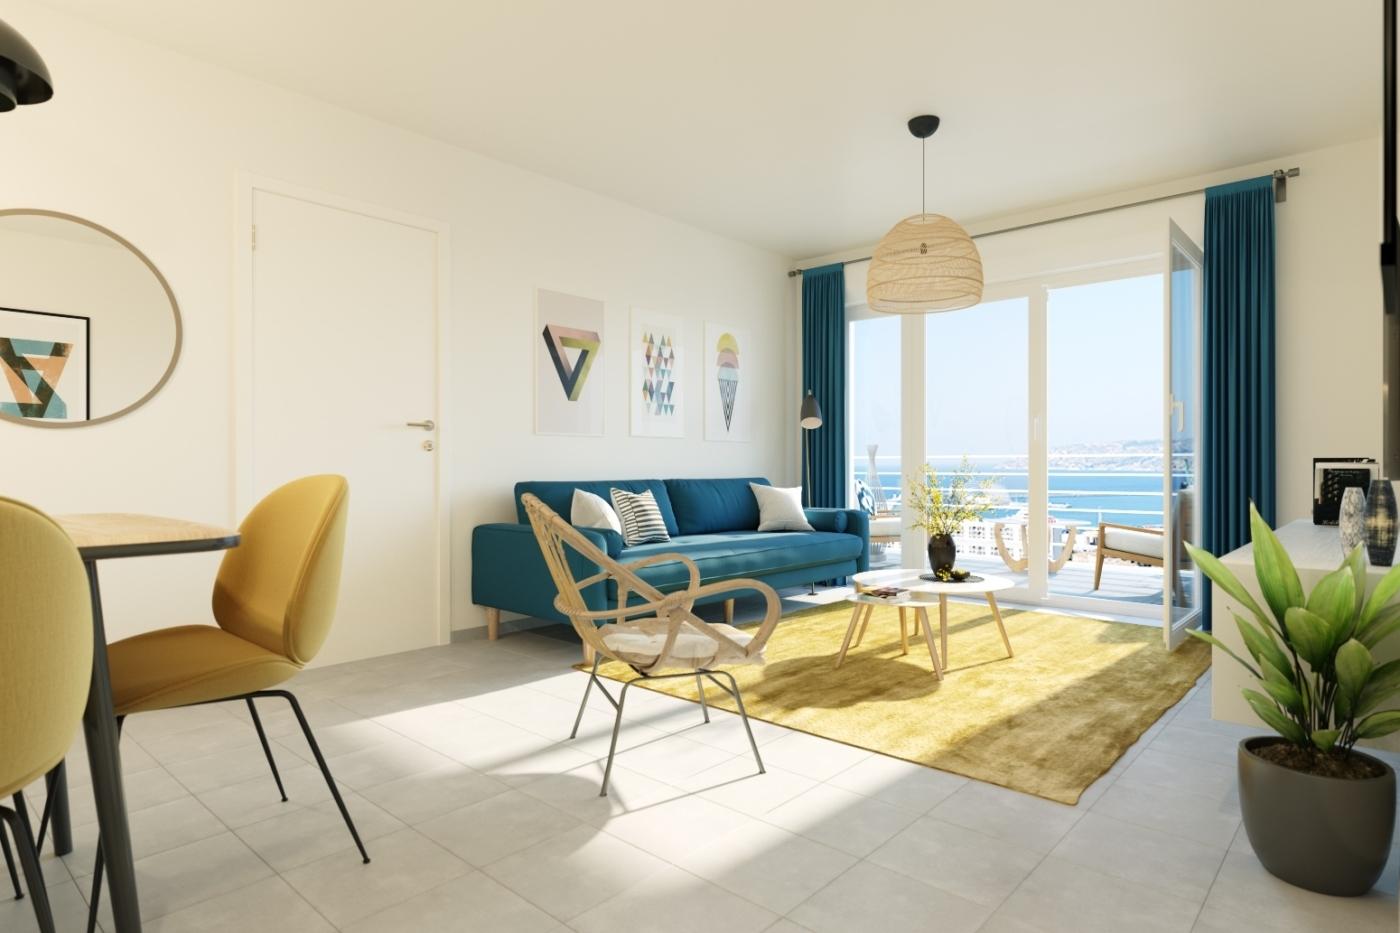 psla immobilier, Pour un premier achat immobilier à moindre coût, optez pour le prêt social de location-accession, Made in Marseille, Made in Marseille